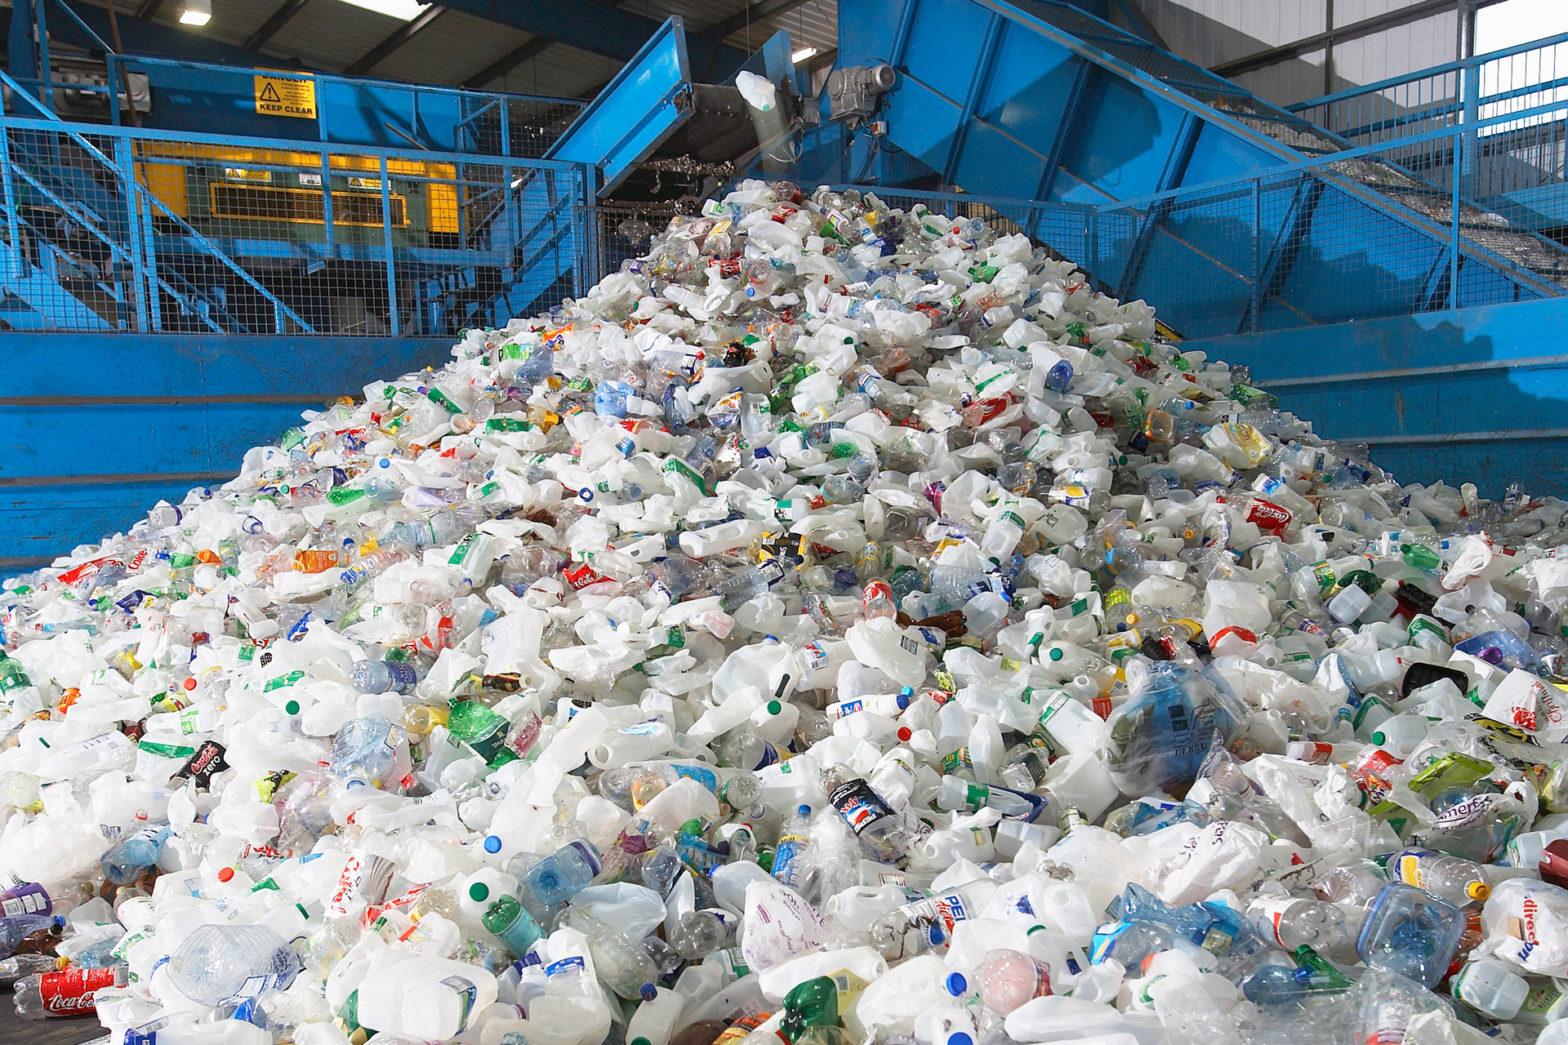 EU diskuterar avgift mot plastavfall